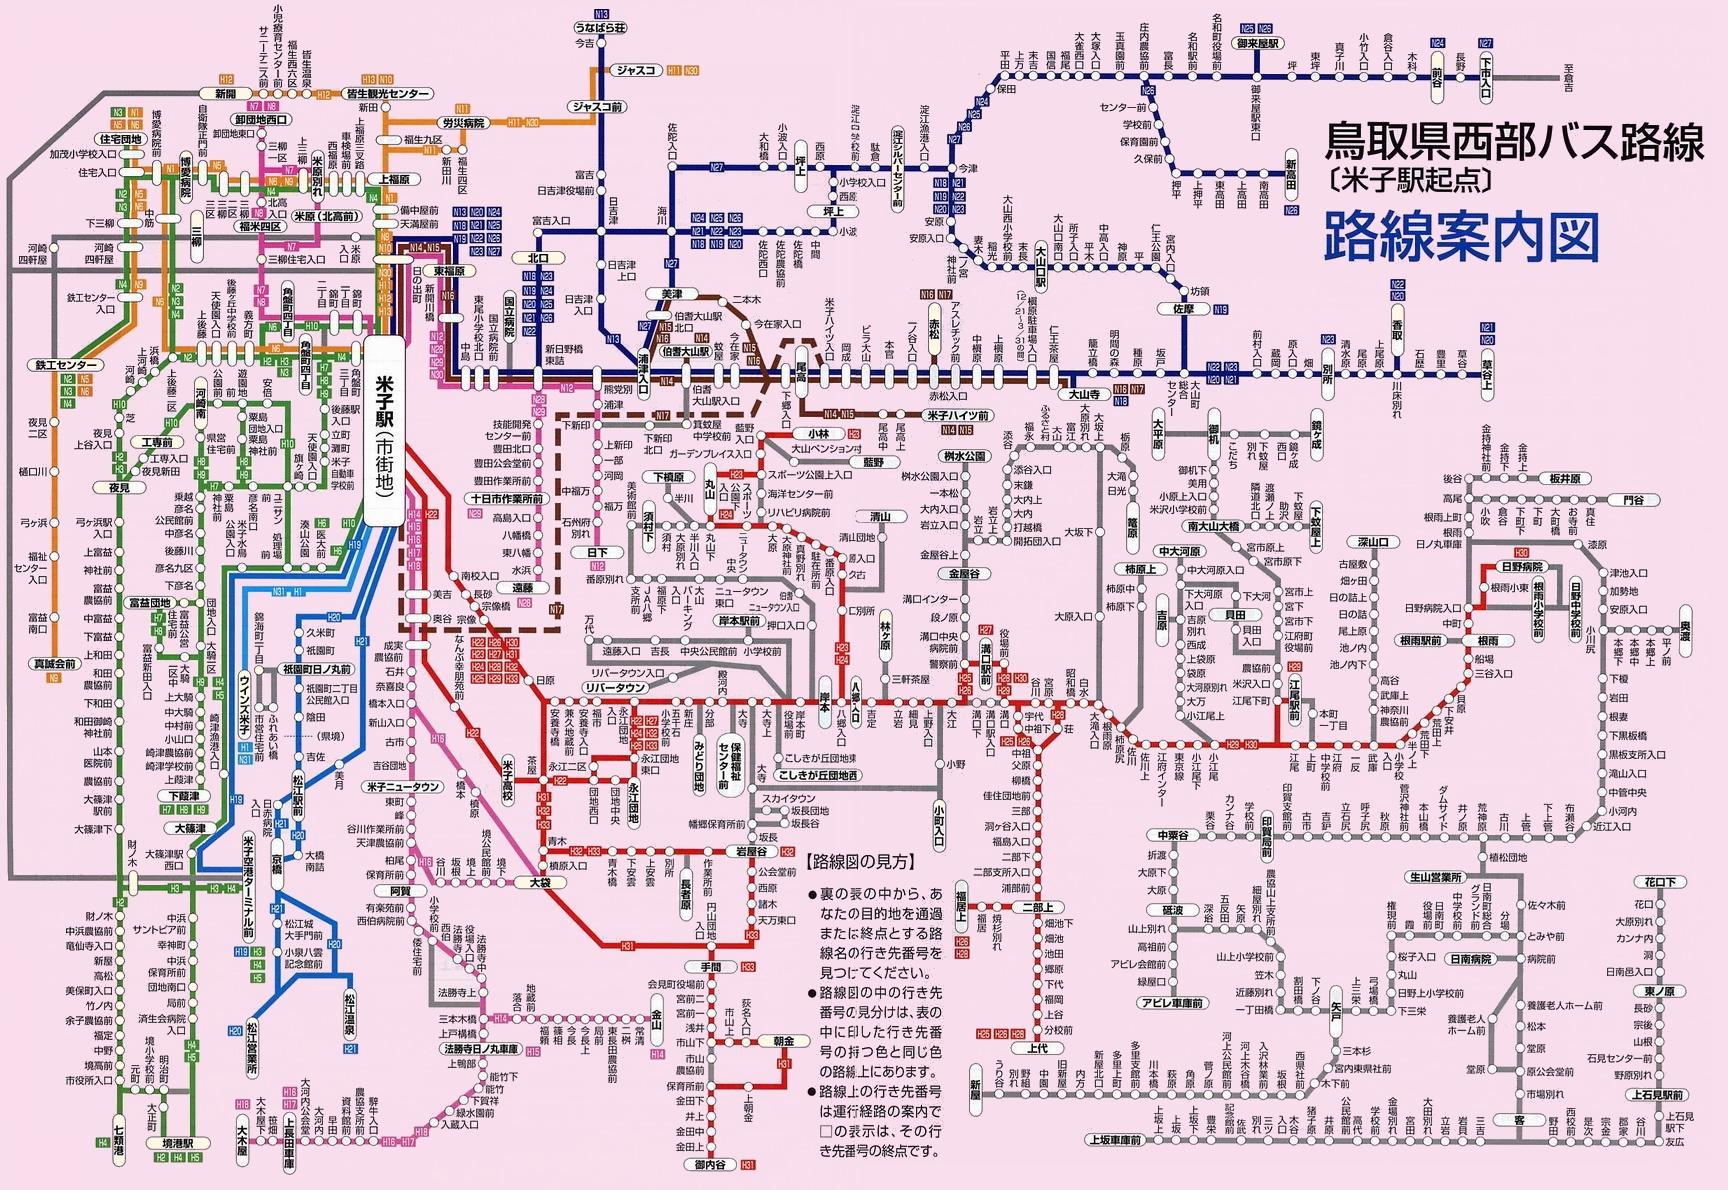 路線図   市バス   名古屋市交通局